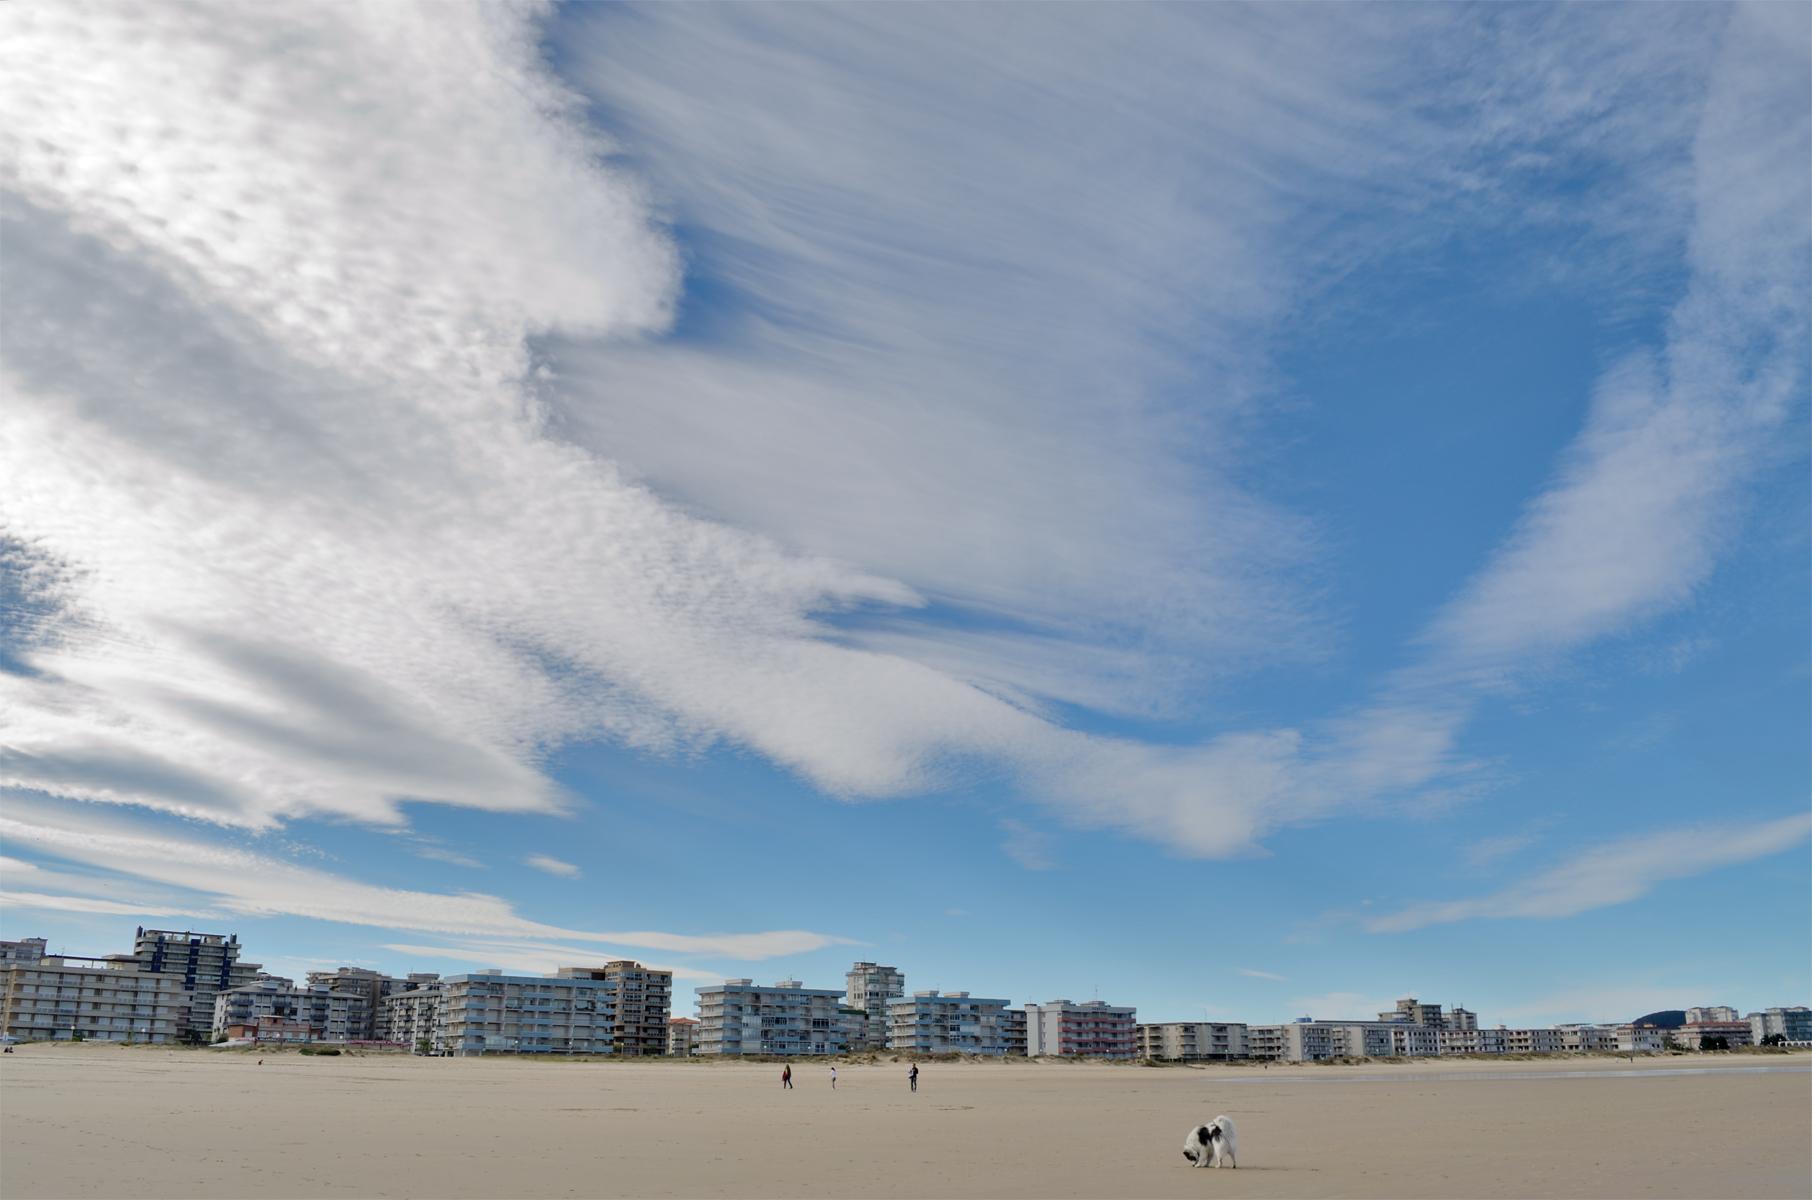 'Golfo' en la playa con nubes